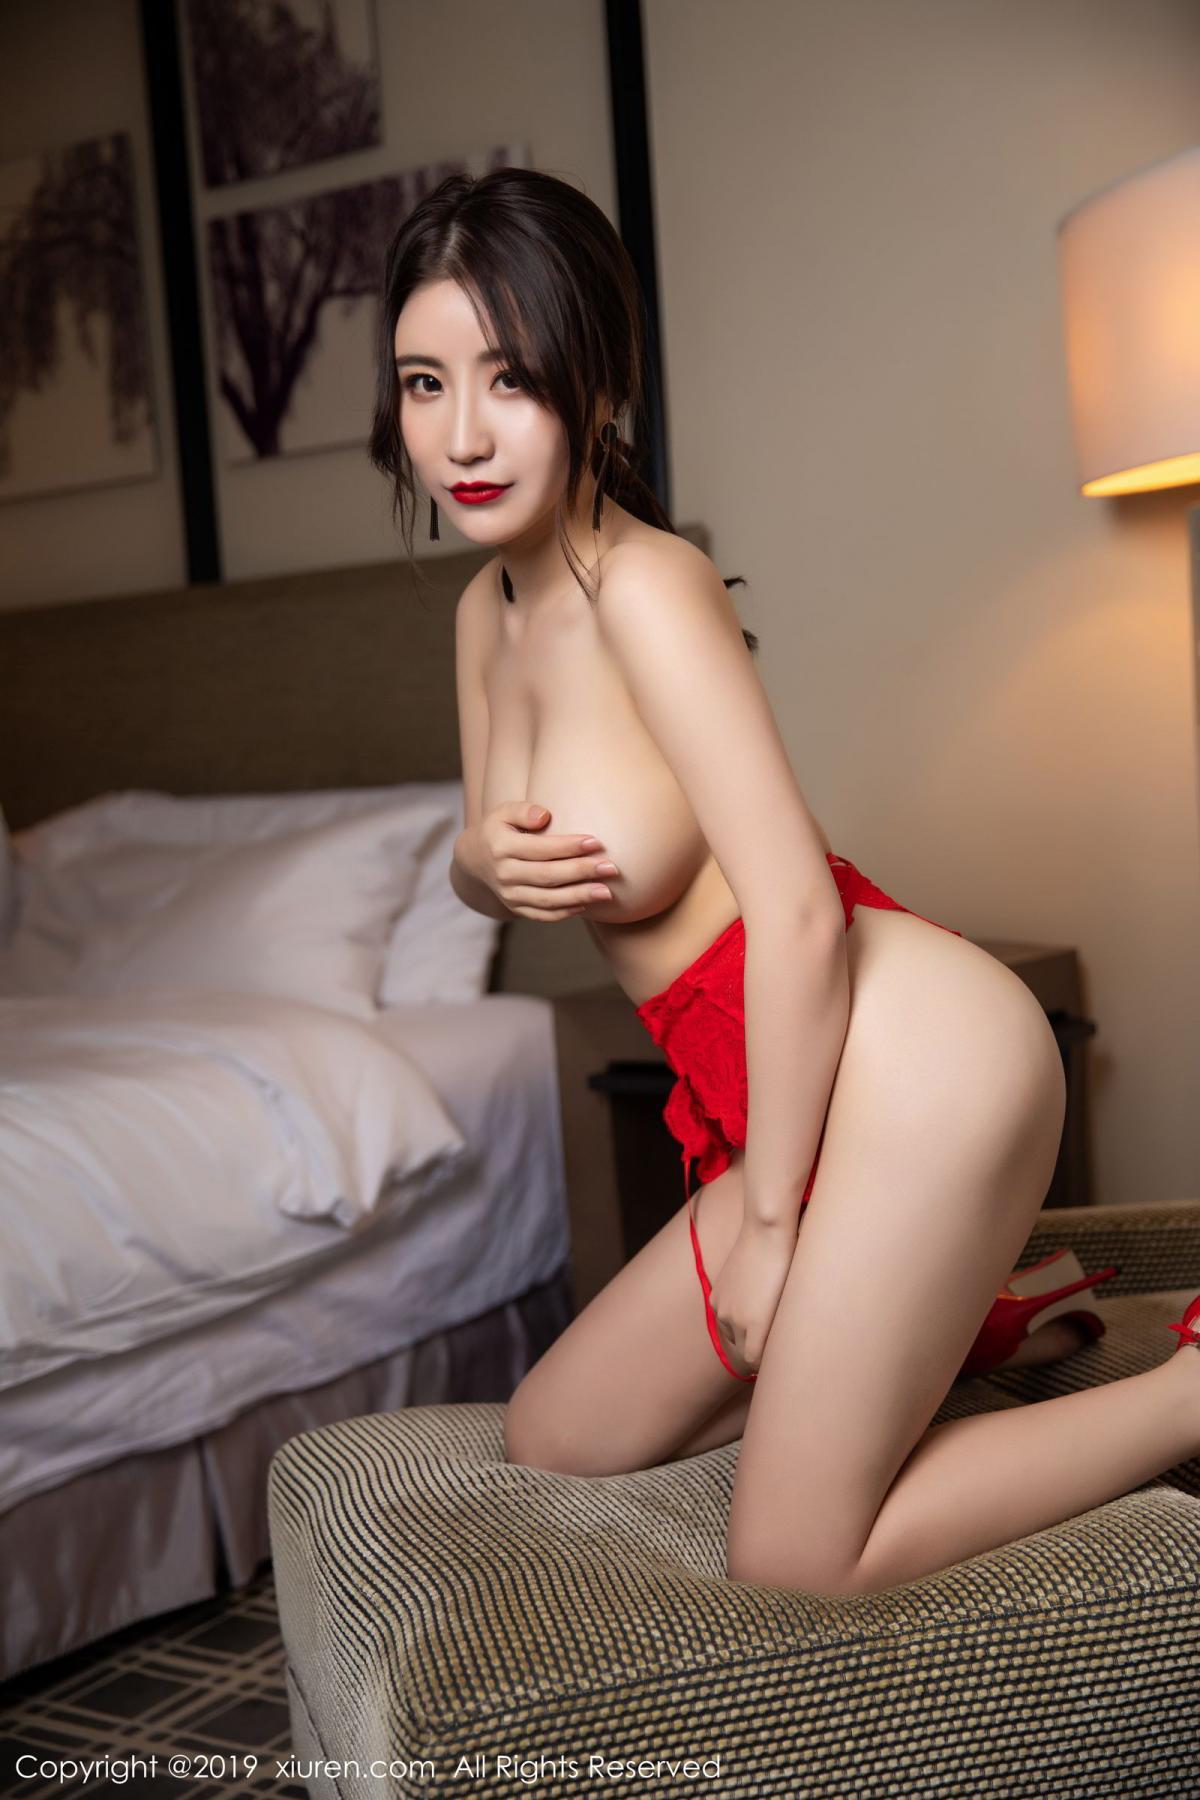 [XiuRen] Vol.1589 Xie Zhi Xin 21P, Sexy, Underwear, Xie Zhi Xin, Xiuren